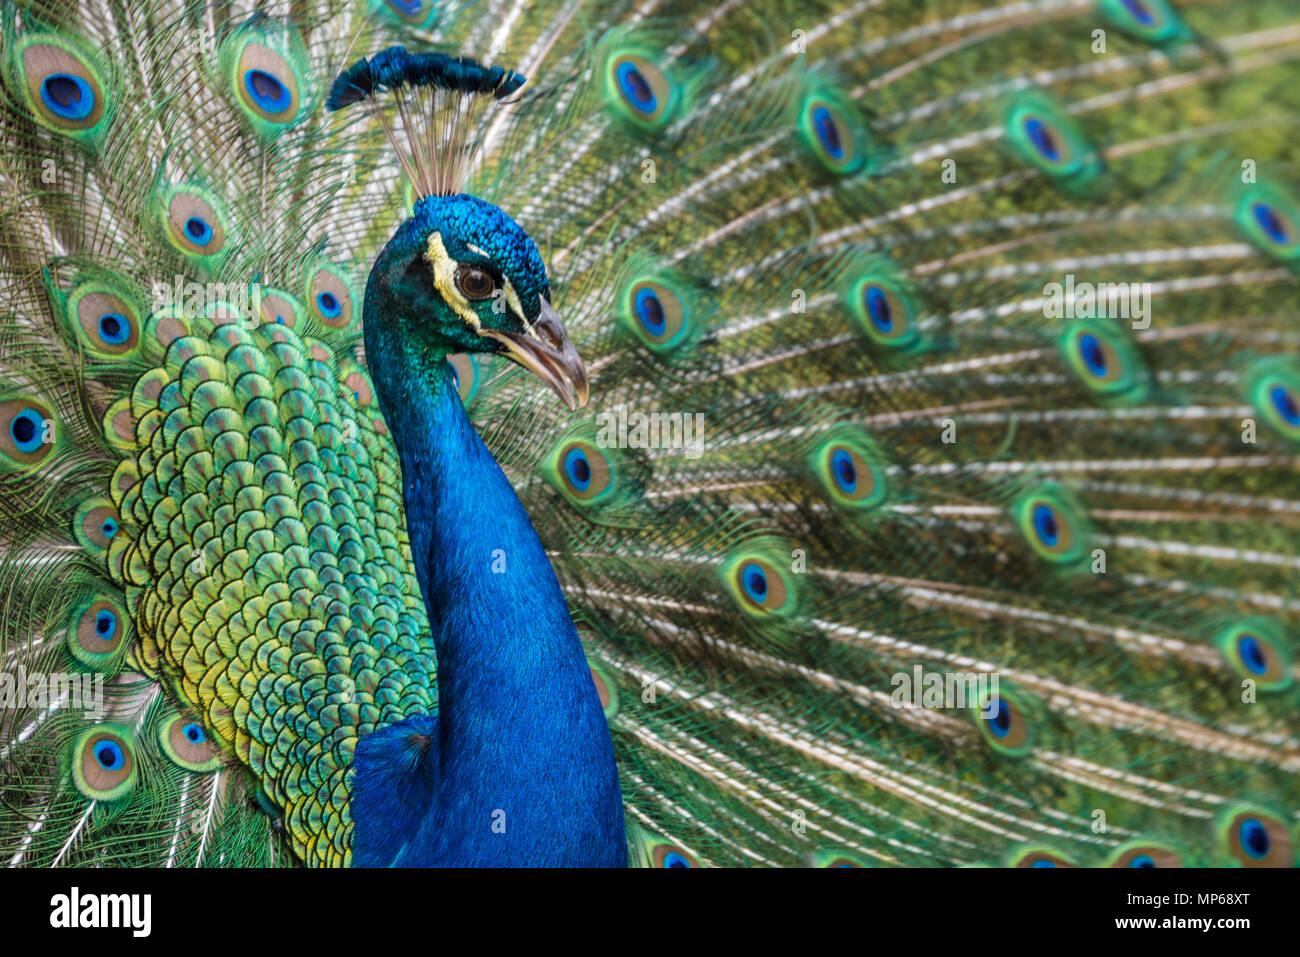 Océano azul pavo real con vibrantes plumaje iridiscente en pantalla completa en Ponce de León la fuente de la Juventud parque arqueológico en San Agustín, Florida. Imagen De Stock